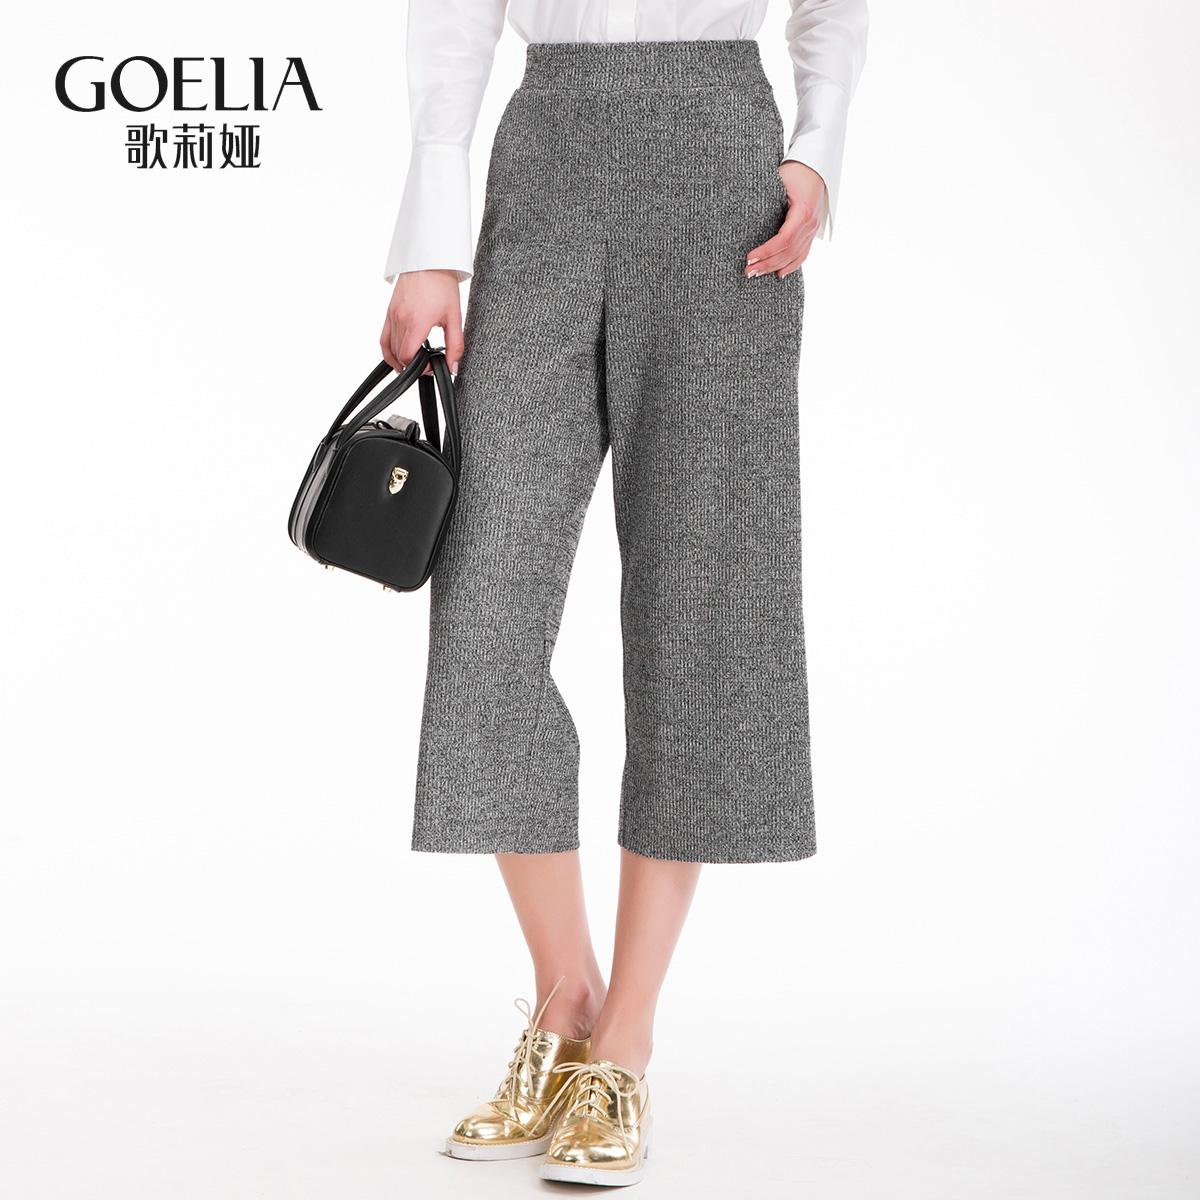 歌莉娅女装 歌莉娅女装 休闲裤针织八分高腰阔腿裤168E1I050_推荐淘宝好看的歌莉娅